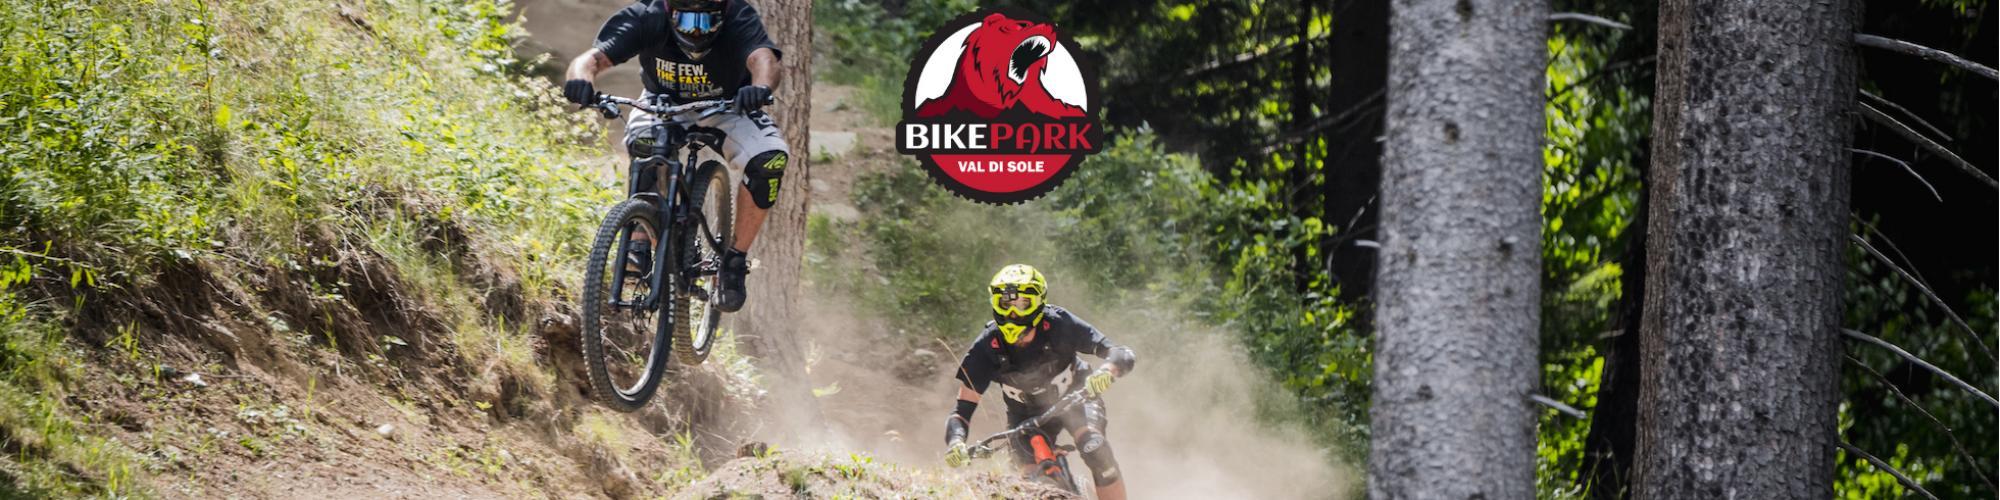 Bike Park Val di Sole Trentino_